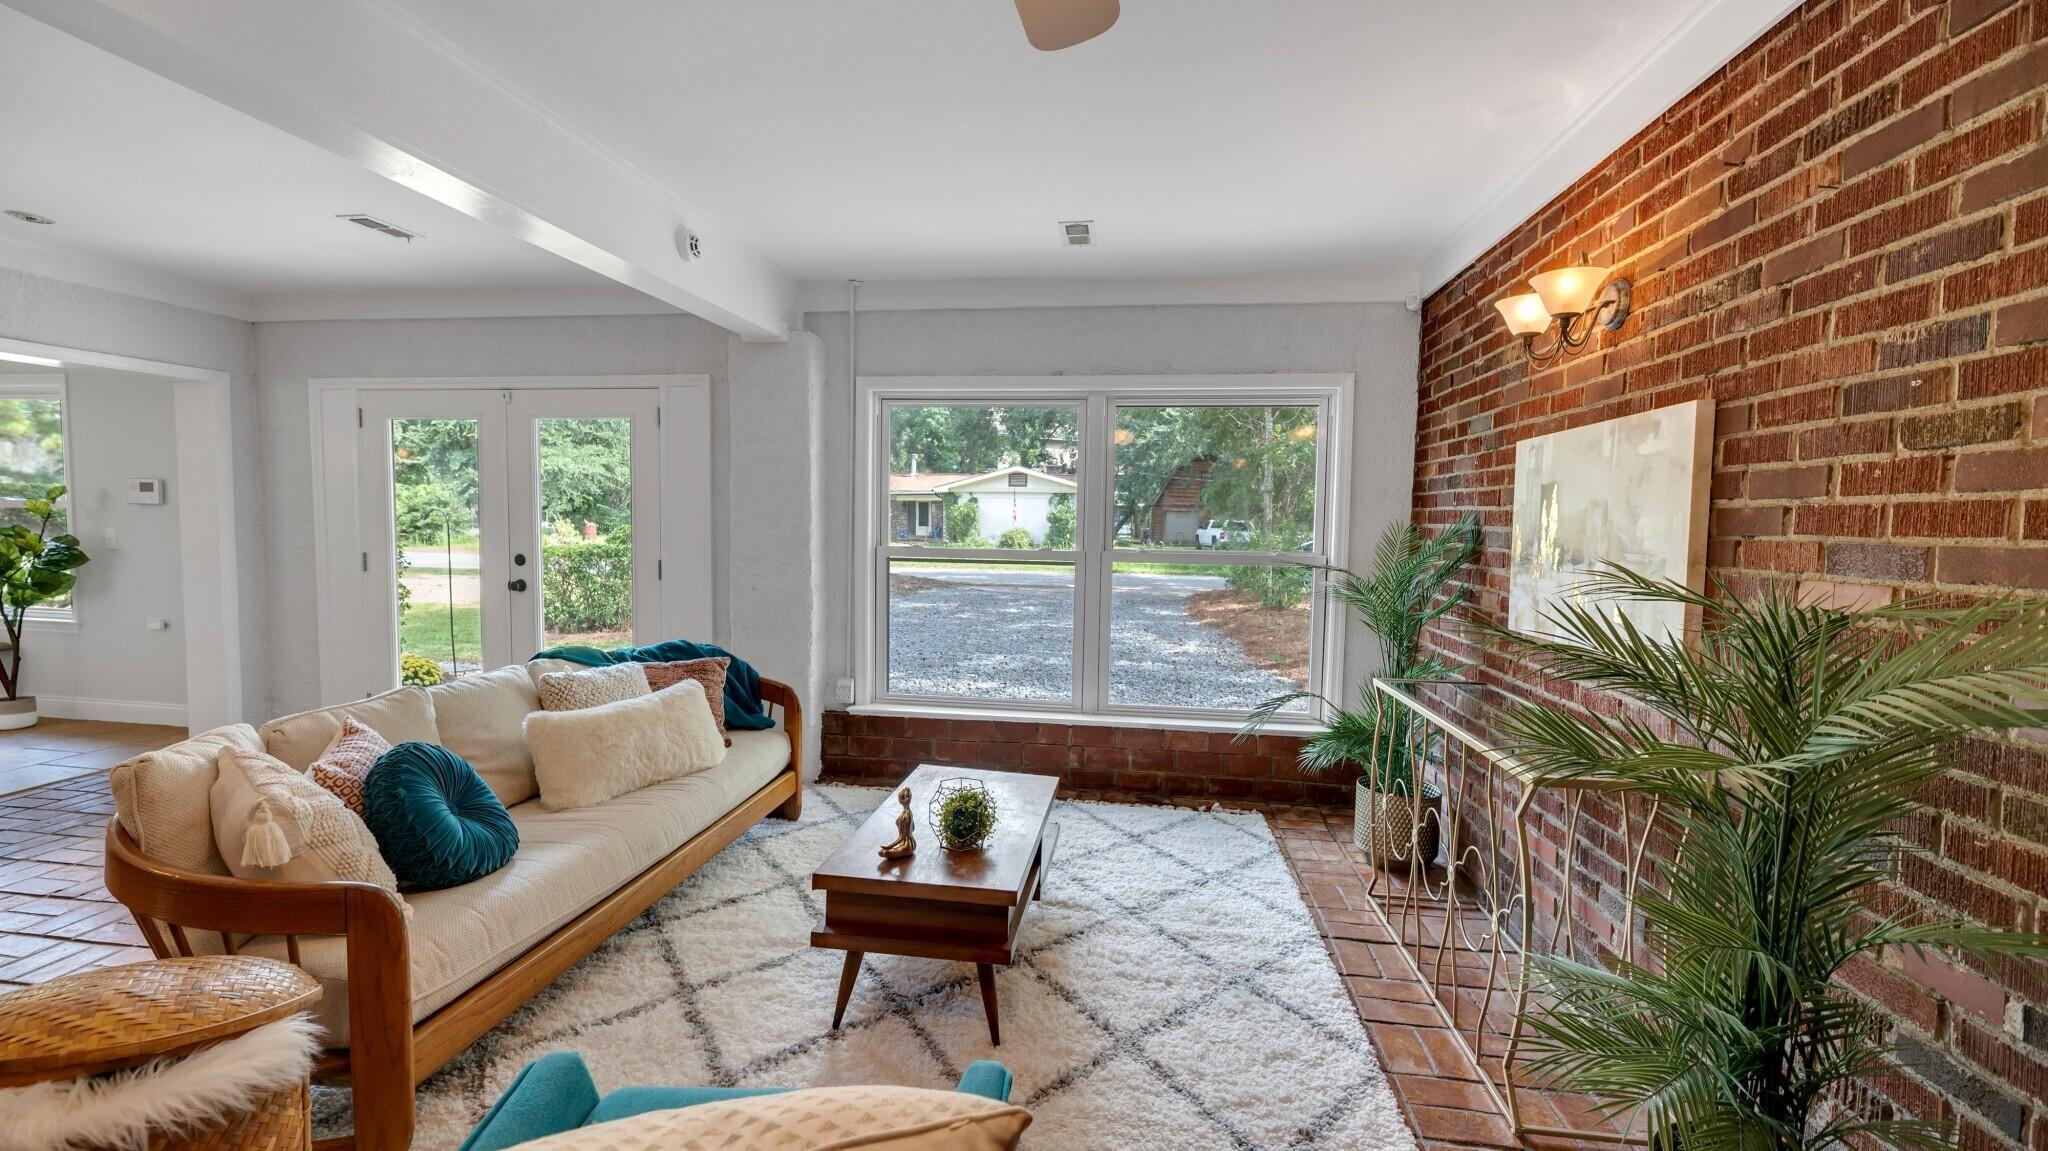 Camp Road Estates Homes For Sale - 825 Hale, Charleston, SC - 9